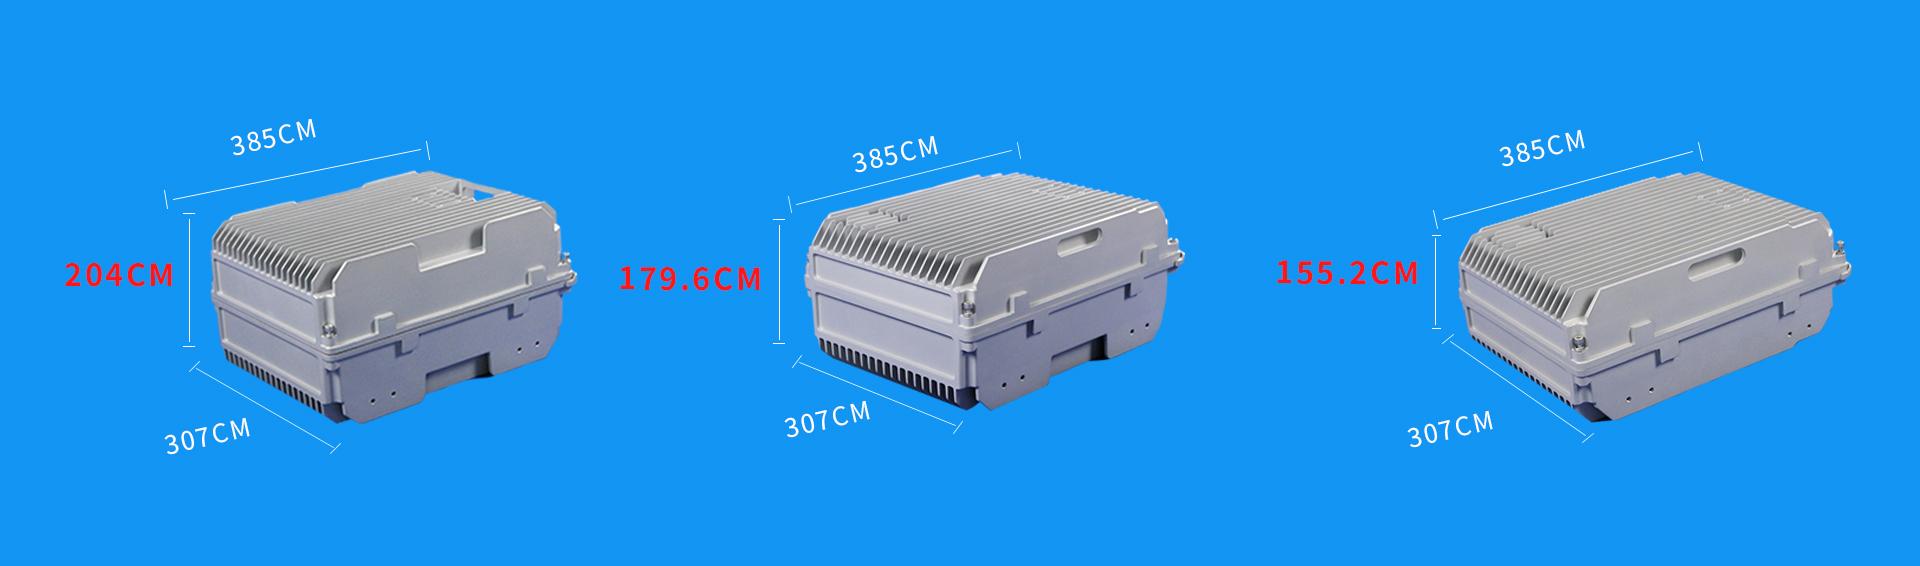 博威LET铸铝通信压铸机箱系列机箱尺寸